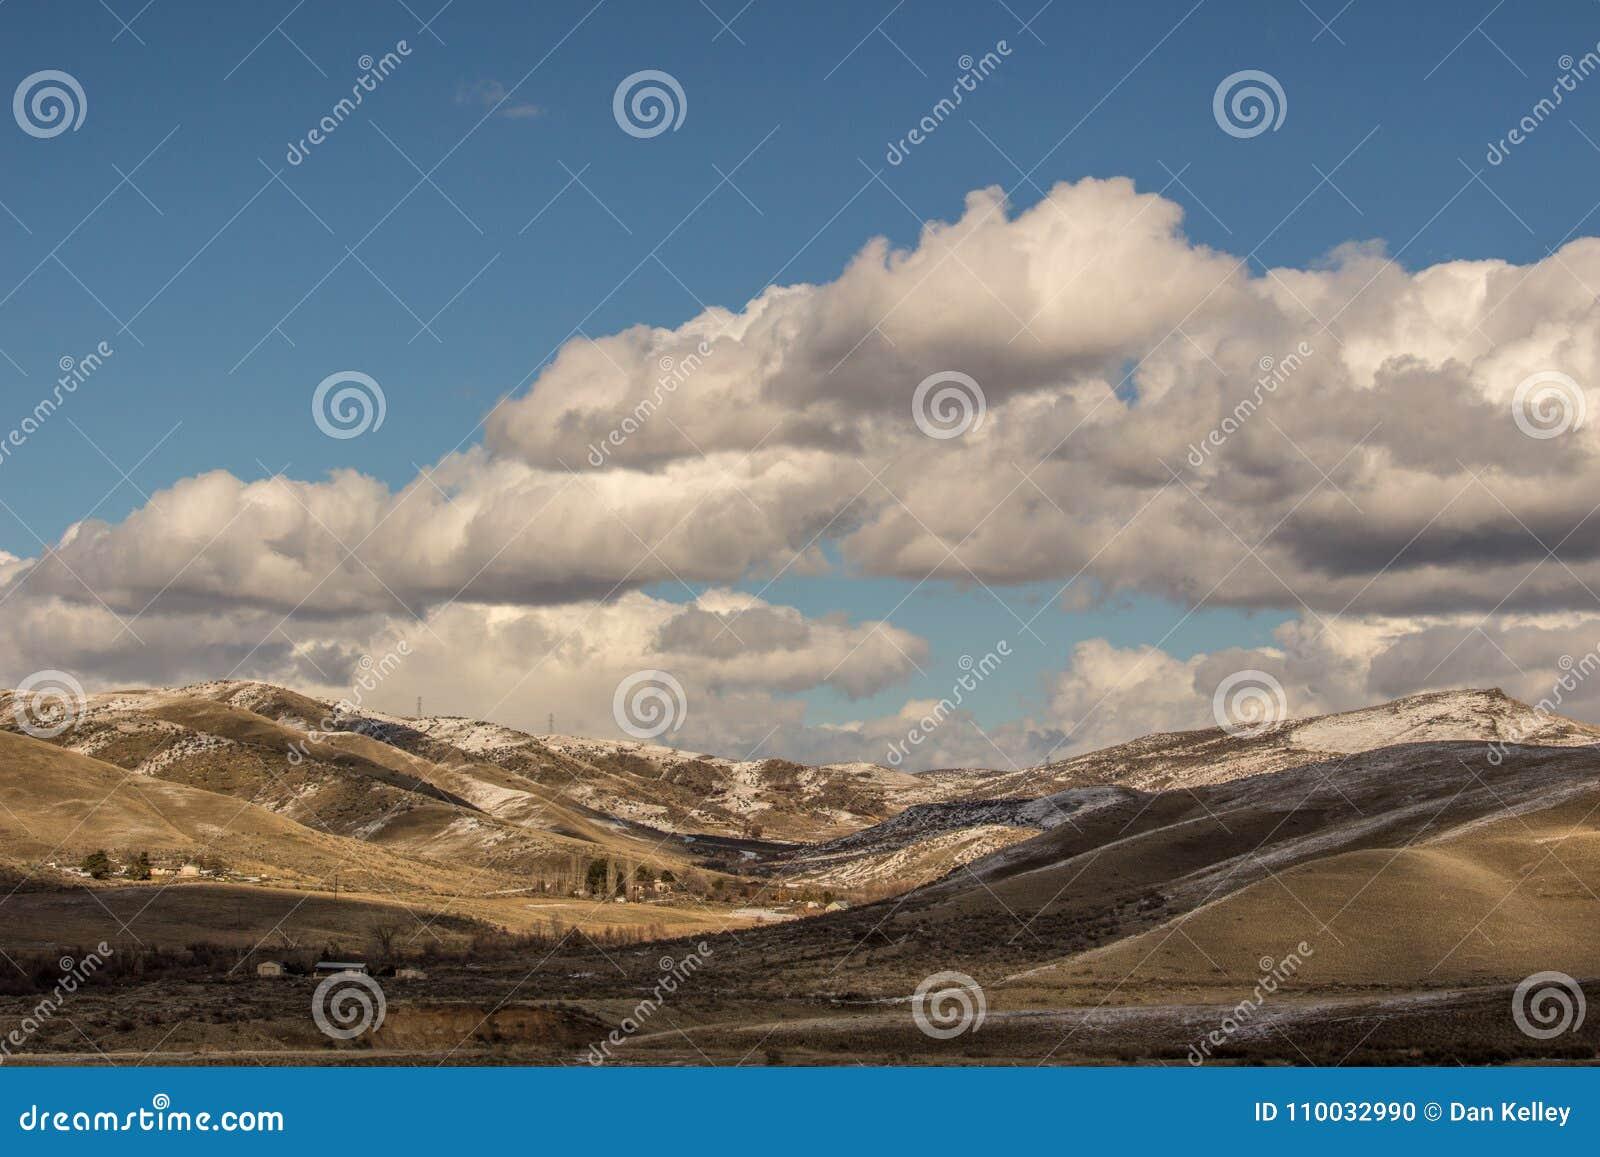 Αγρόκτημα λόφων ποδιών του Αϊντάχο μετά από ένα ελαφρύ χιόνι κάτω από το μπλε ουρανό και τα σπασμένα σύννεφα